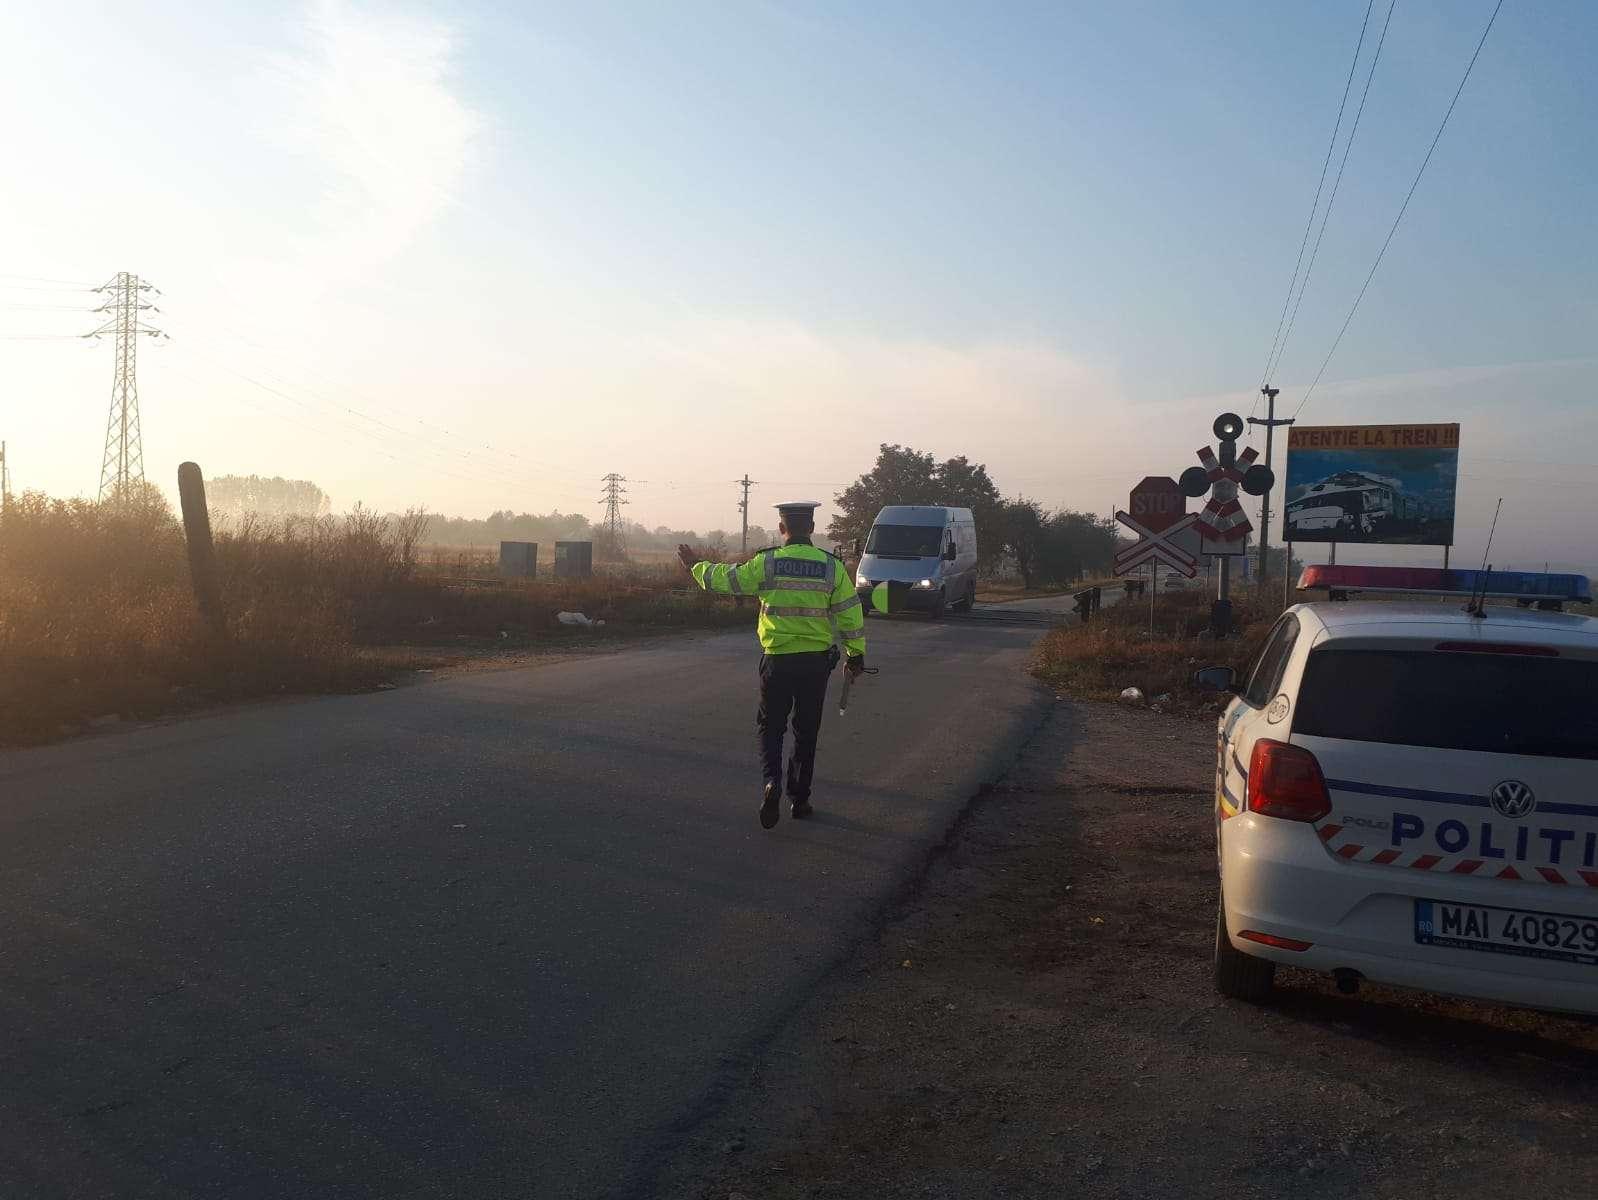 Actiune a polițiștilor la trecerile la nivel cu calea ferată